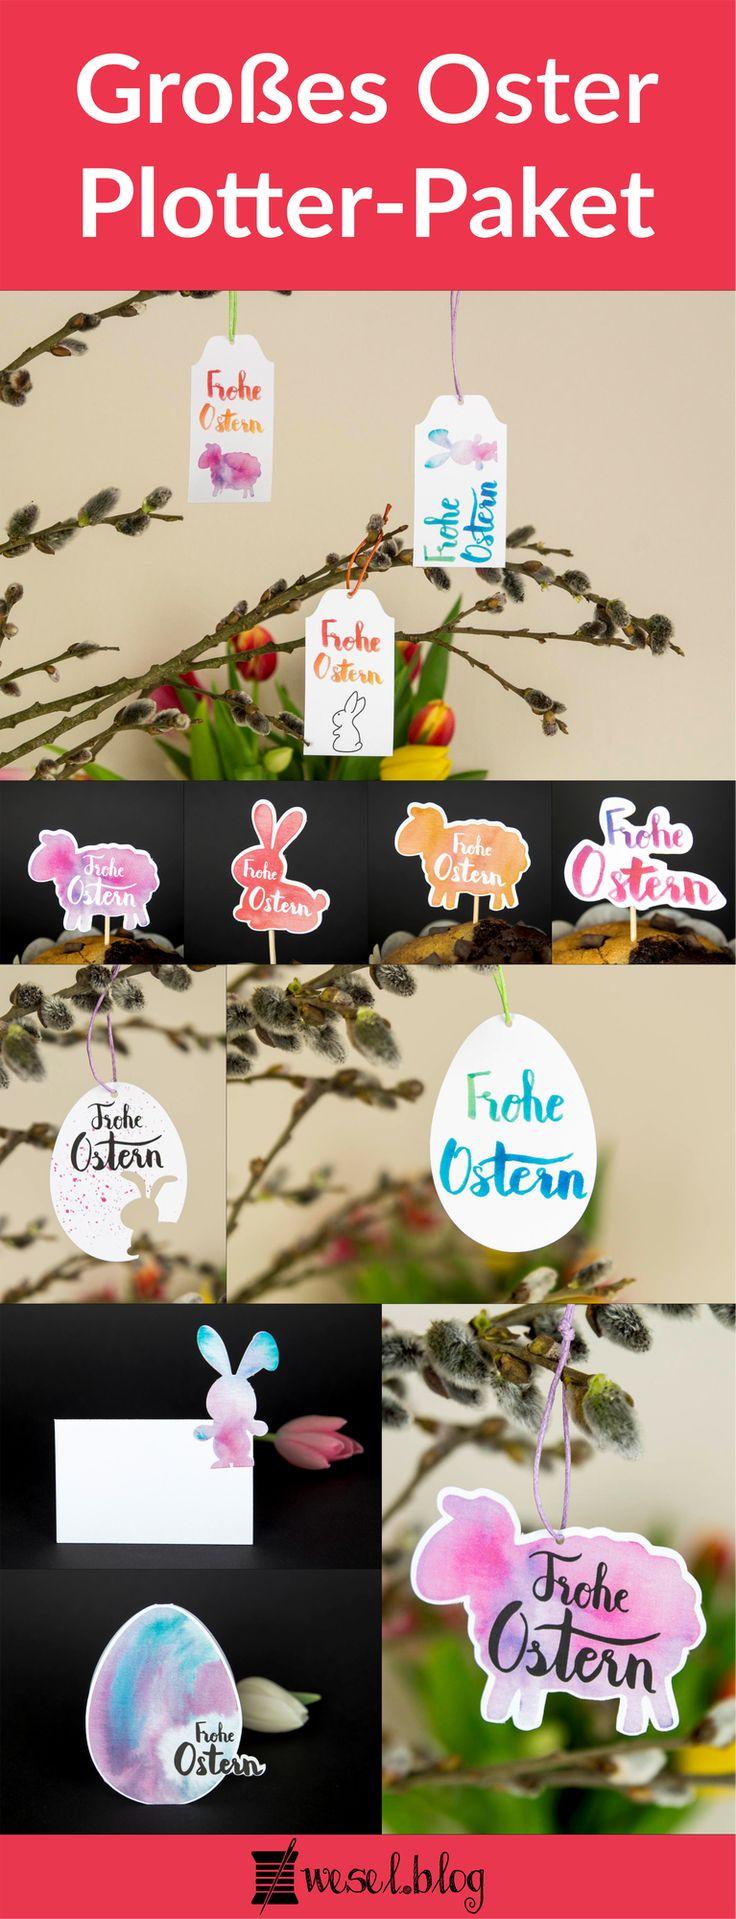 Plottermotive, Plotterdateien für Ostern. Enthalten sind Osterhasen, Ostereier, Osterlamm. Mit Cake Topper, Tischkarten, Anhänger, Geschenkanhänger, Aufsteller. Print and Cut mit Aquarell und Handlettering.